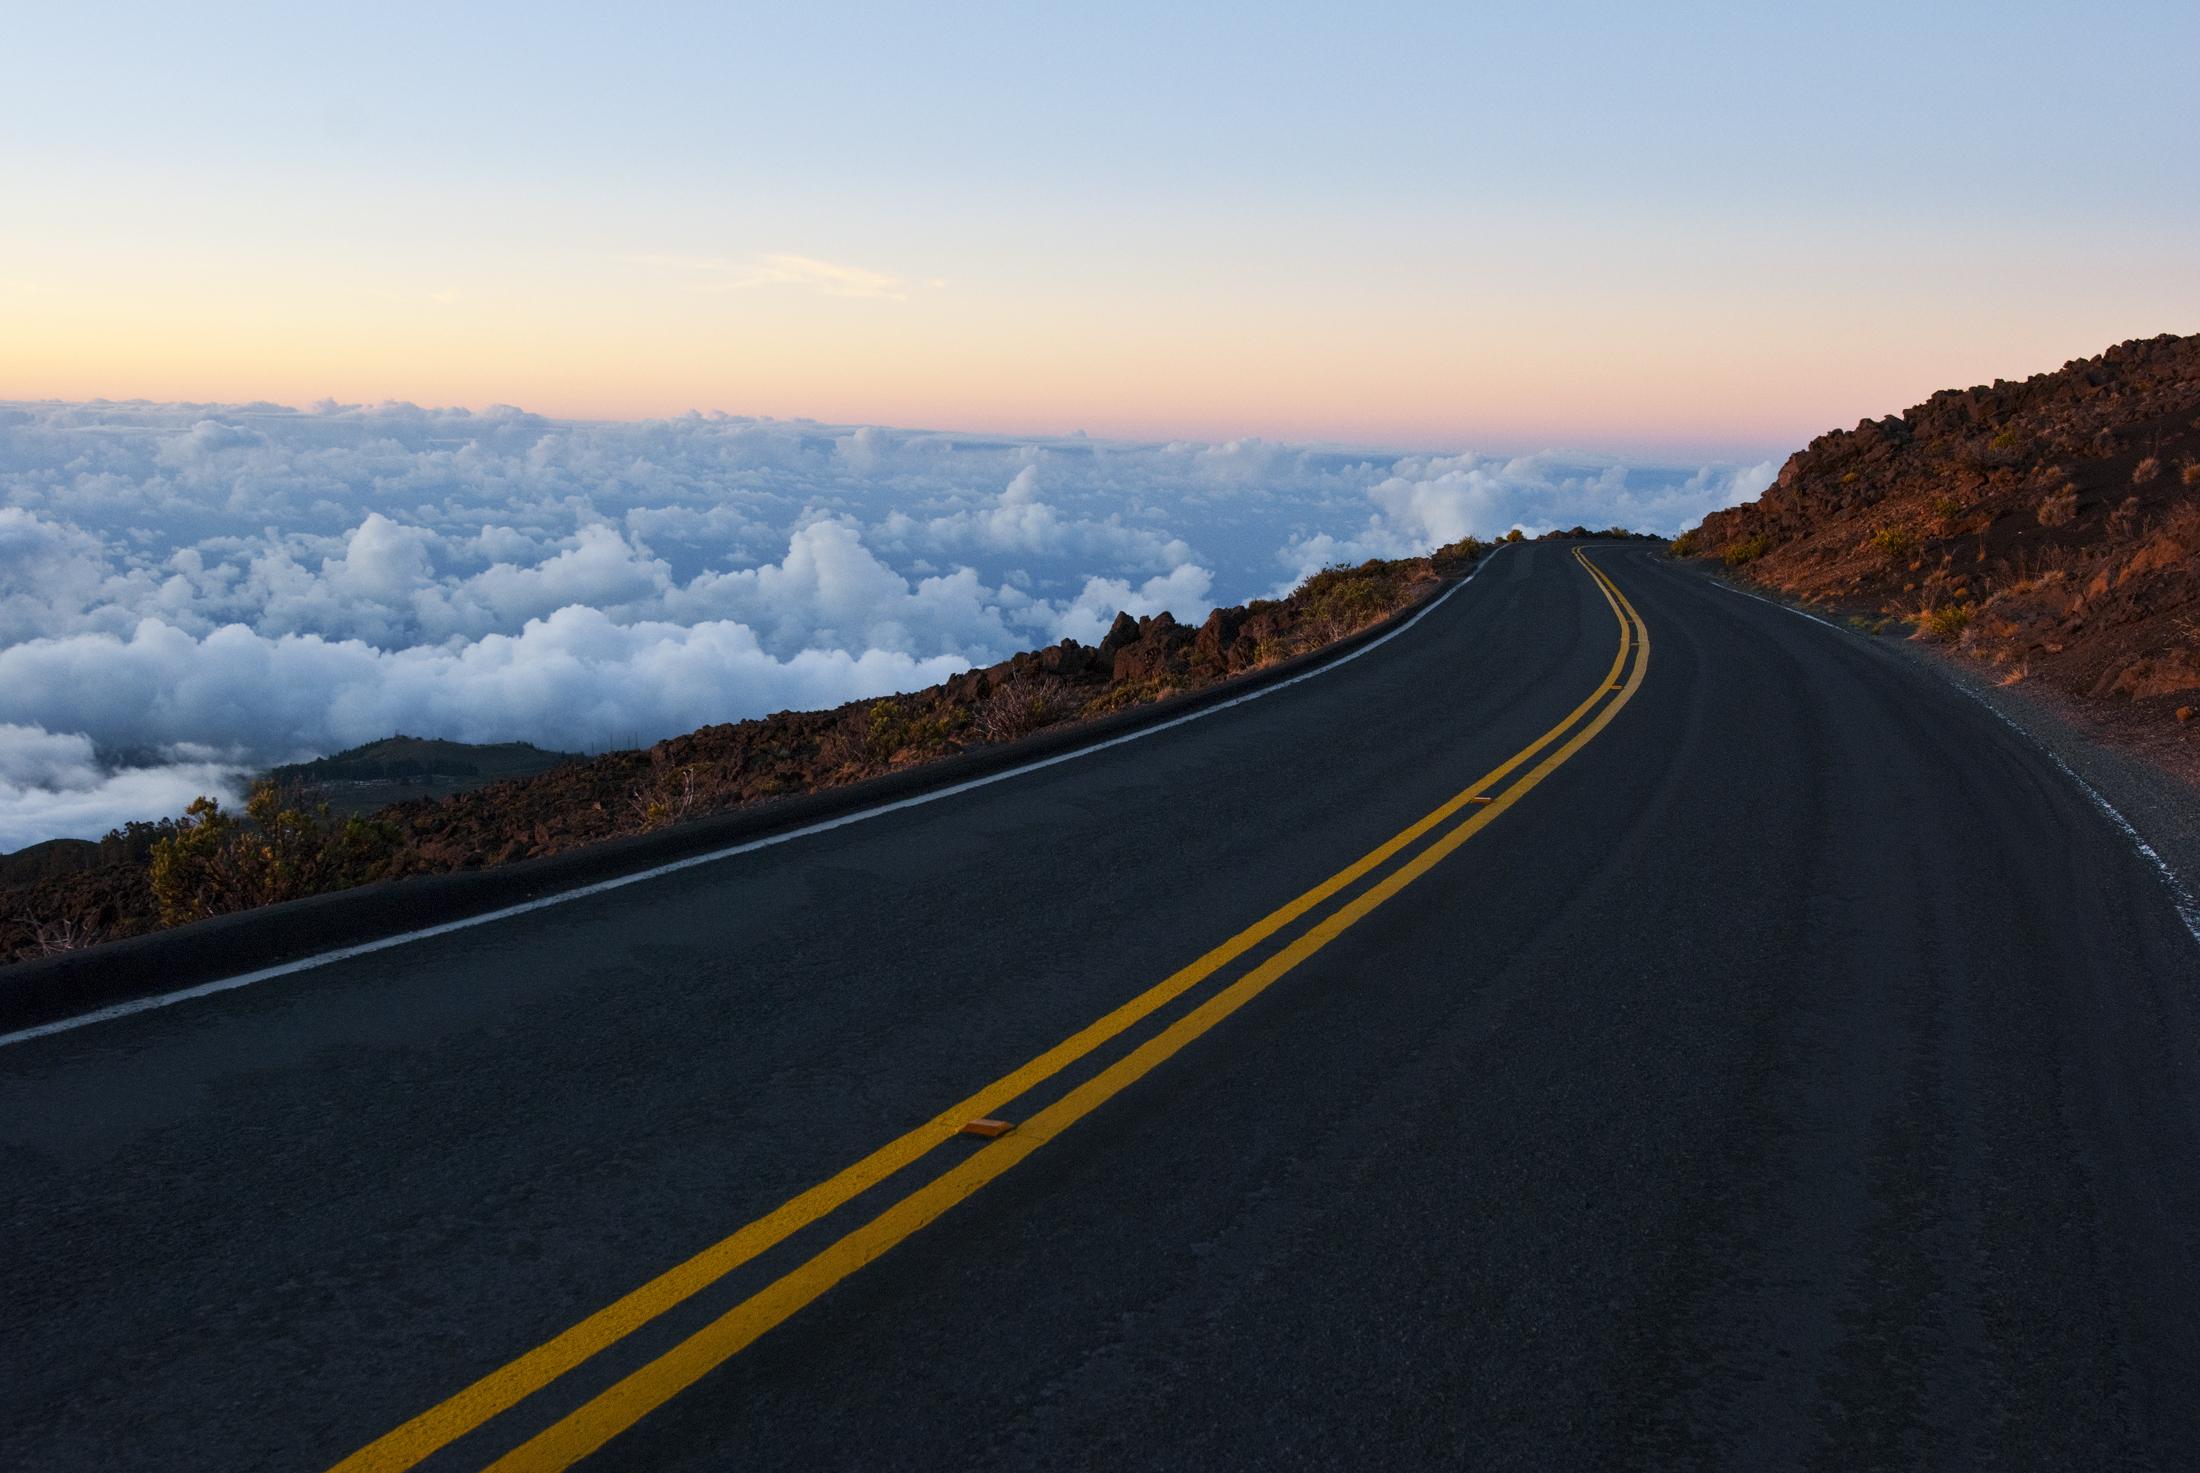 Mercedes дорога серпантин горы небо  № 2383213 загрузить